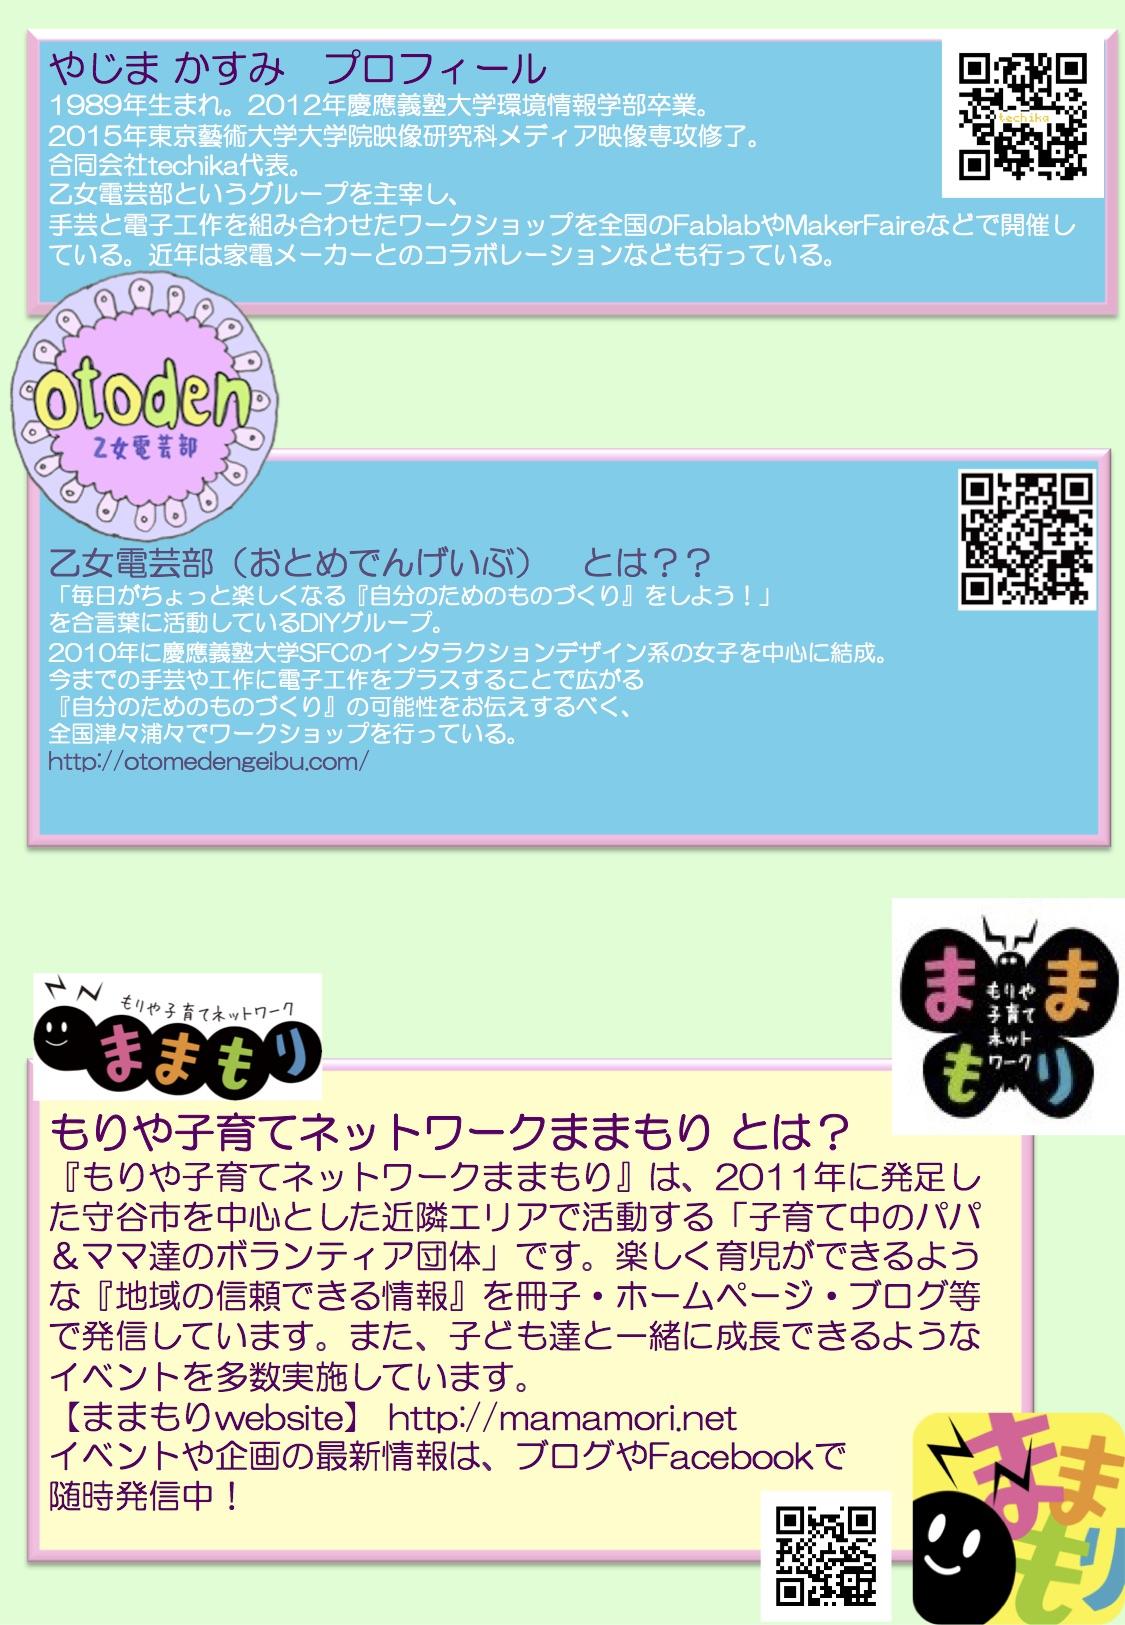 茨城県保健福祉部子ども家庭課少子化対策室との受託事業「子育てワークショップ」キラキラ!カワイイ!光るバッジやブレスレットをつくろう♪開催します!